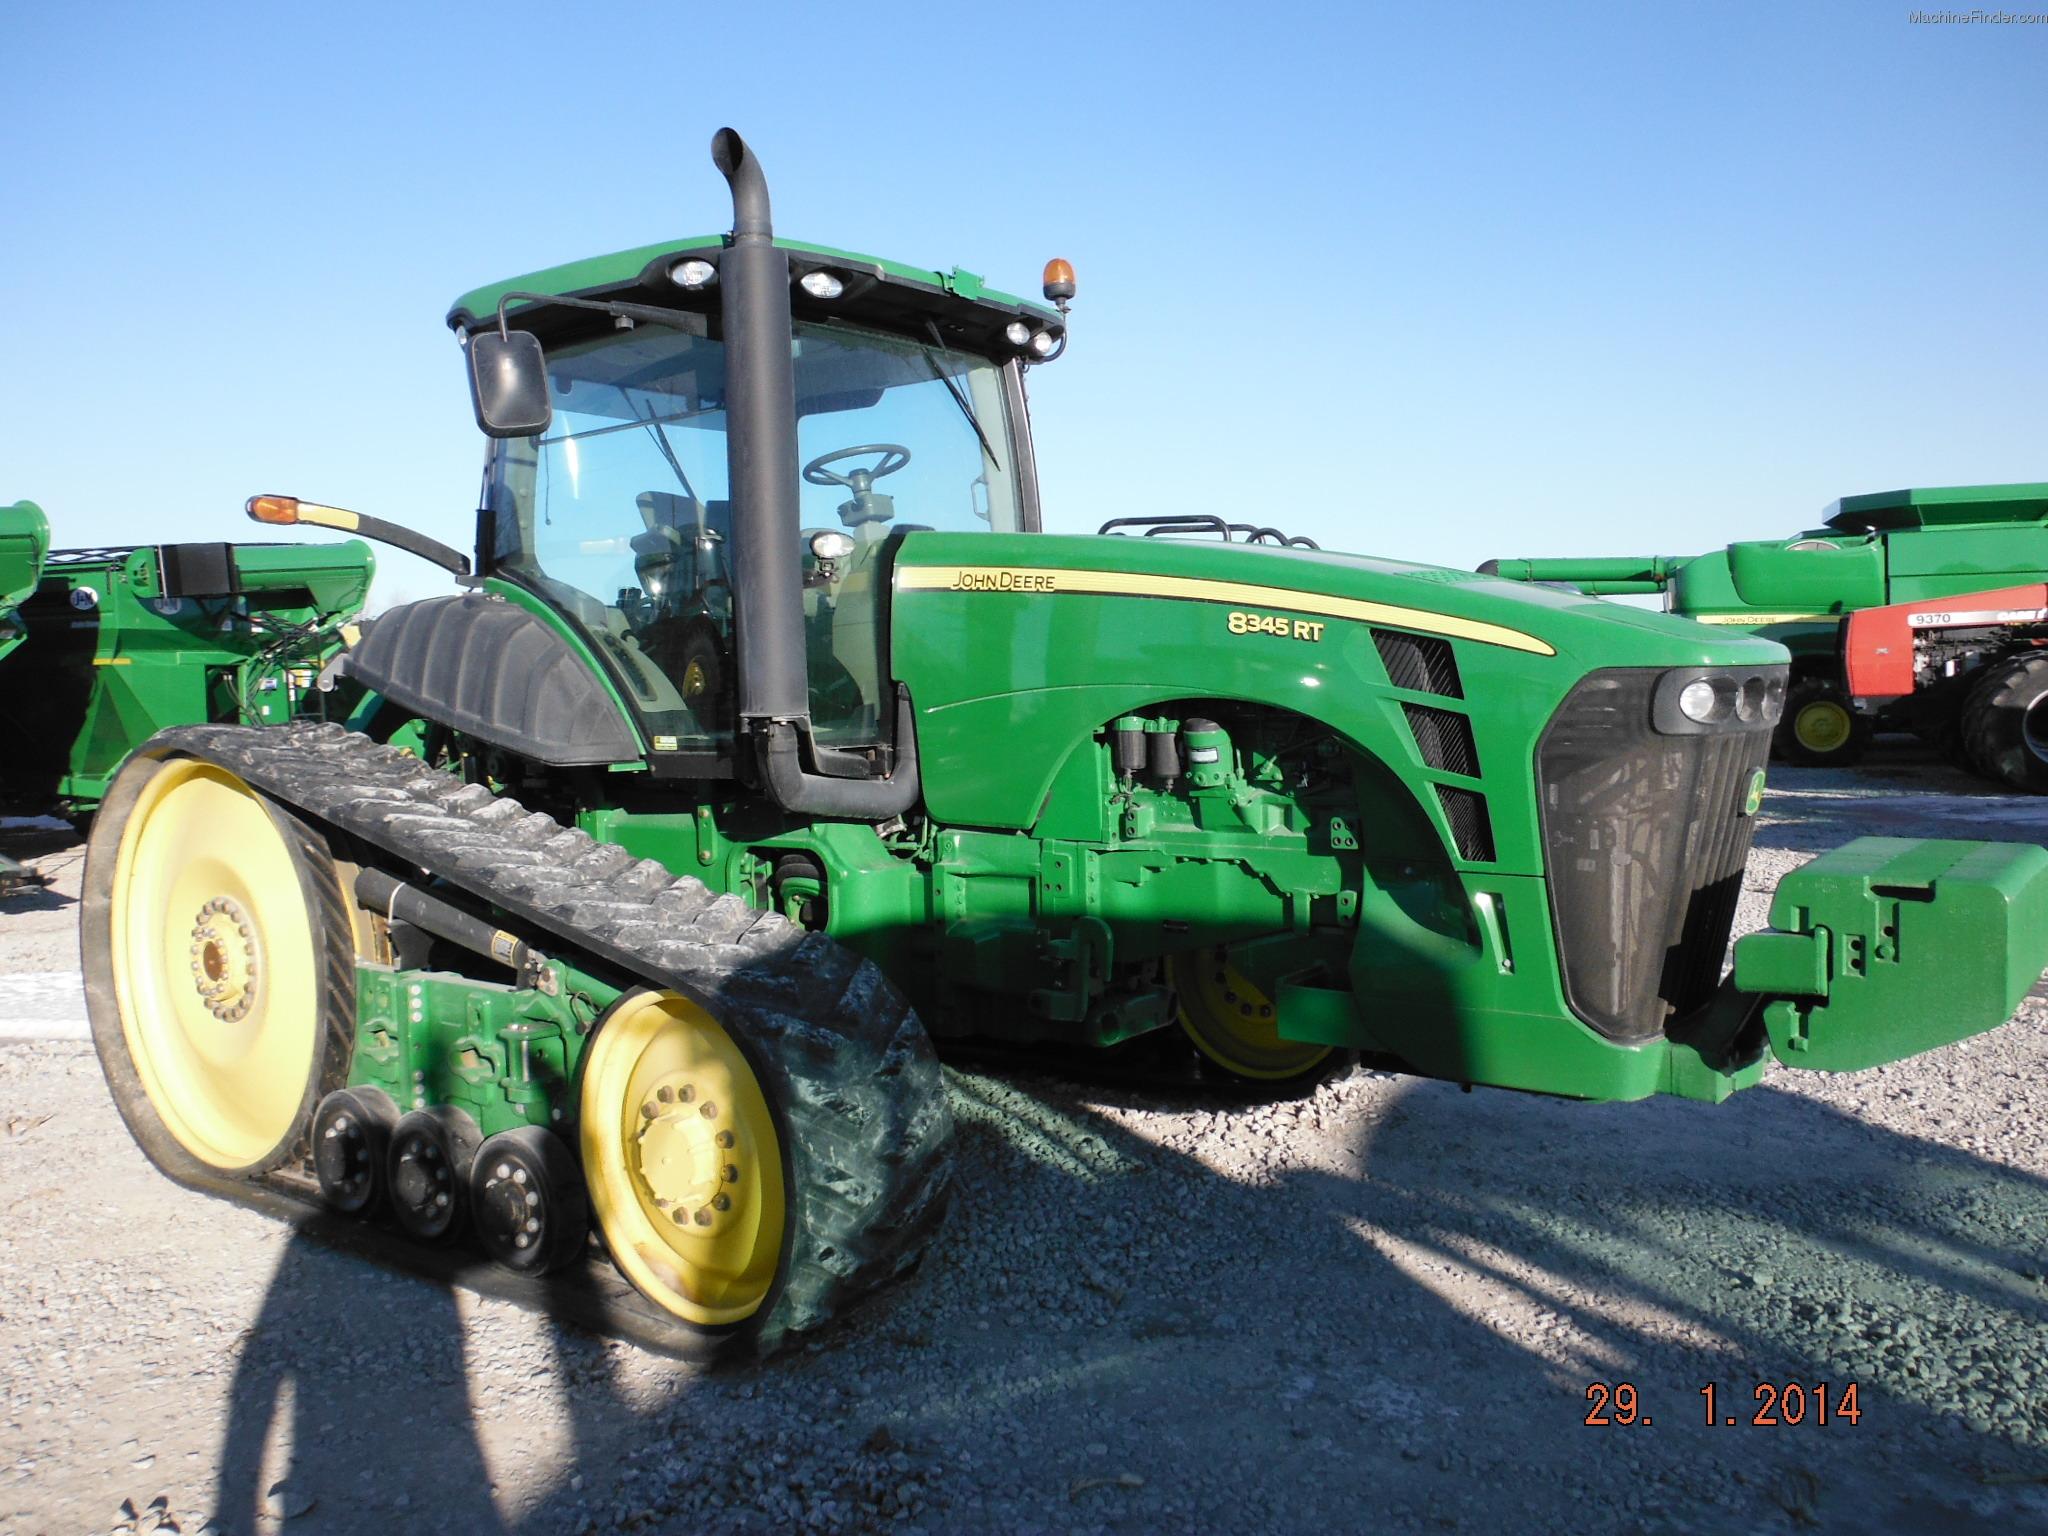 2010 John Deere 8345RT Tractors - Row Crop (+100hp) - John ...